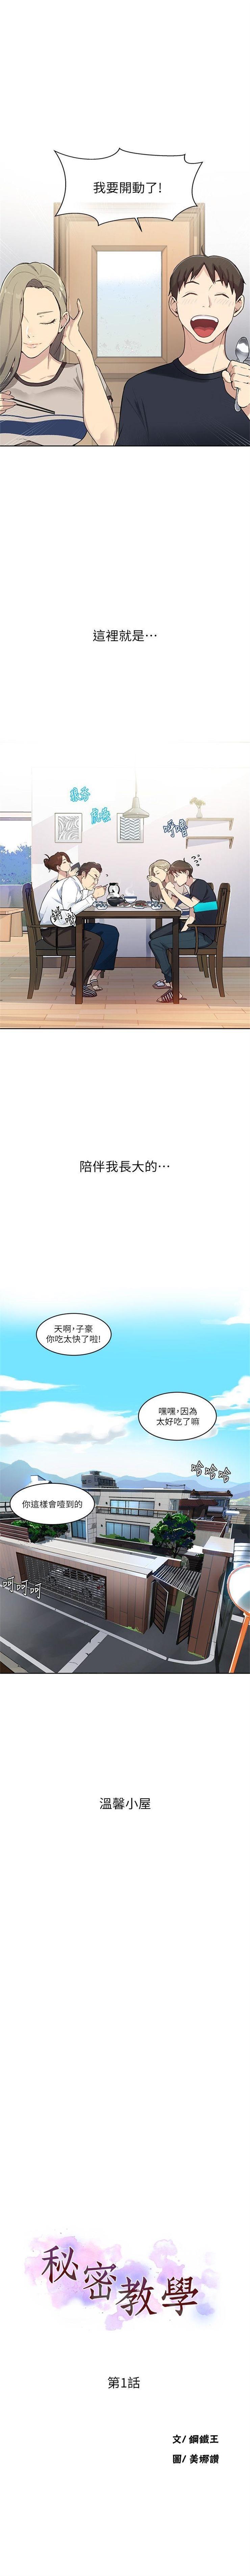 (週6)秘密教學  1-35 中文翻譯 (更新中) 6